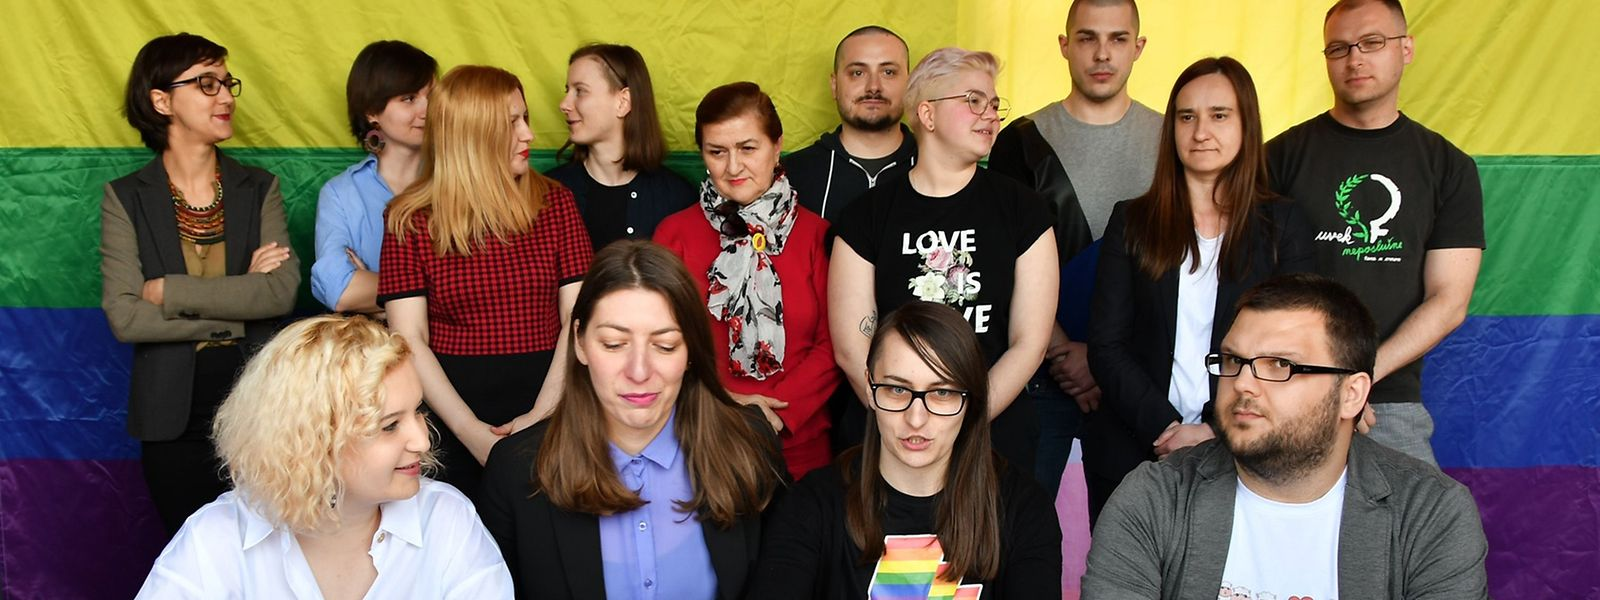 """Mitglieder der LGBT-Community zogen in Sarajevo von der Ewigen Flamme in Stadtzentrum zum knapp zwei Kilometer entfernten Parlamentsgebäude. Sie skandierten Parolen wie """"Die Stadt ist unser!"""" und """"Das ist Stolz!"""""""